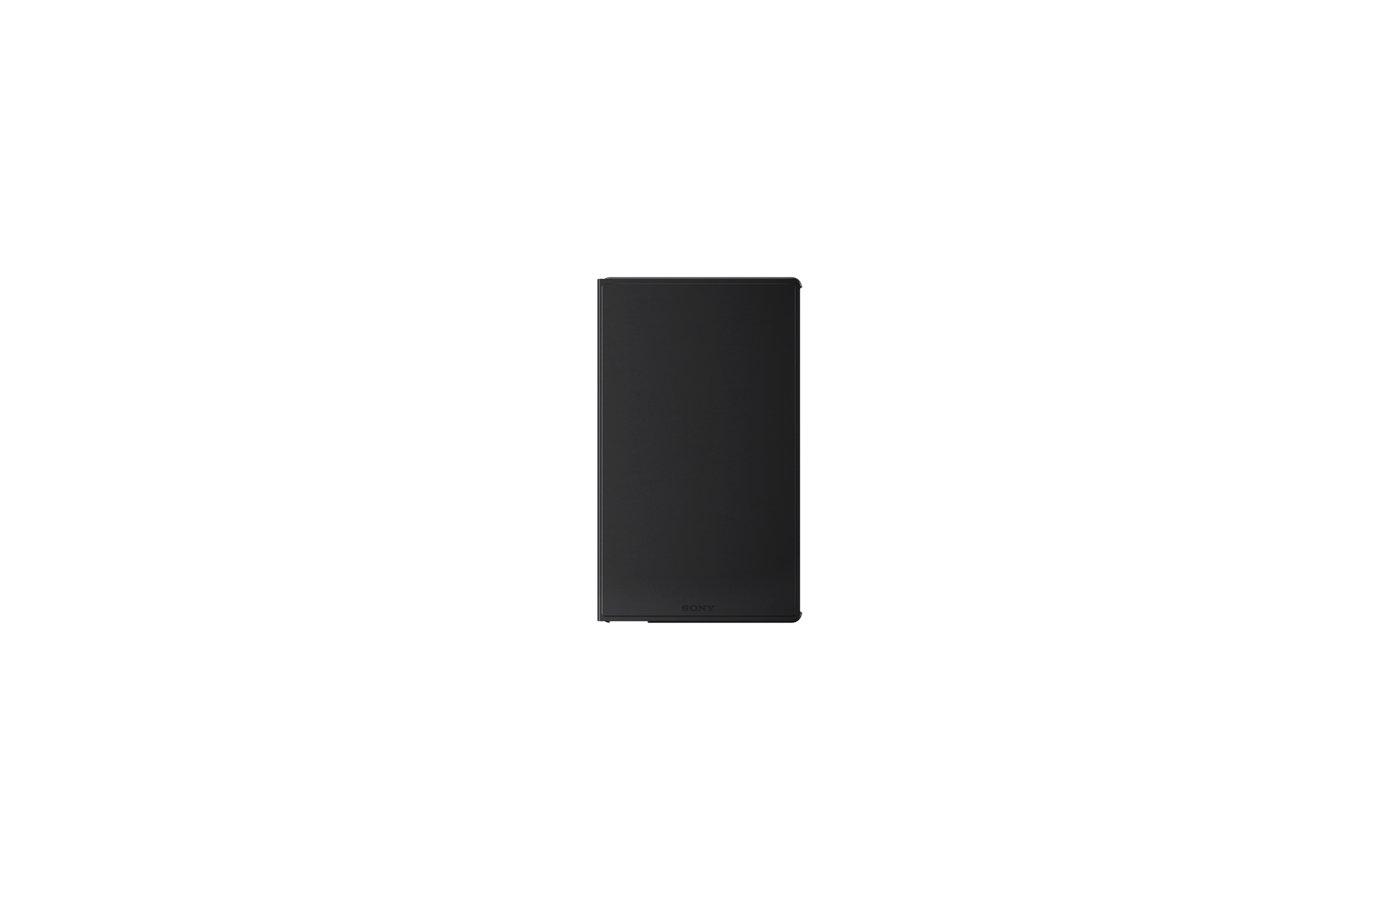 Чехол для планшетного ПК SONY для планшета Xperia Z3 (SCR28)